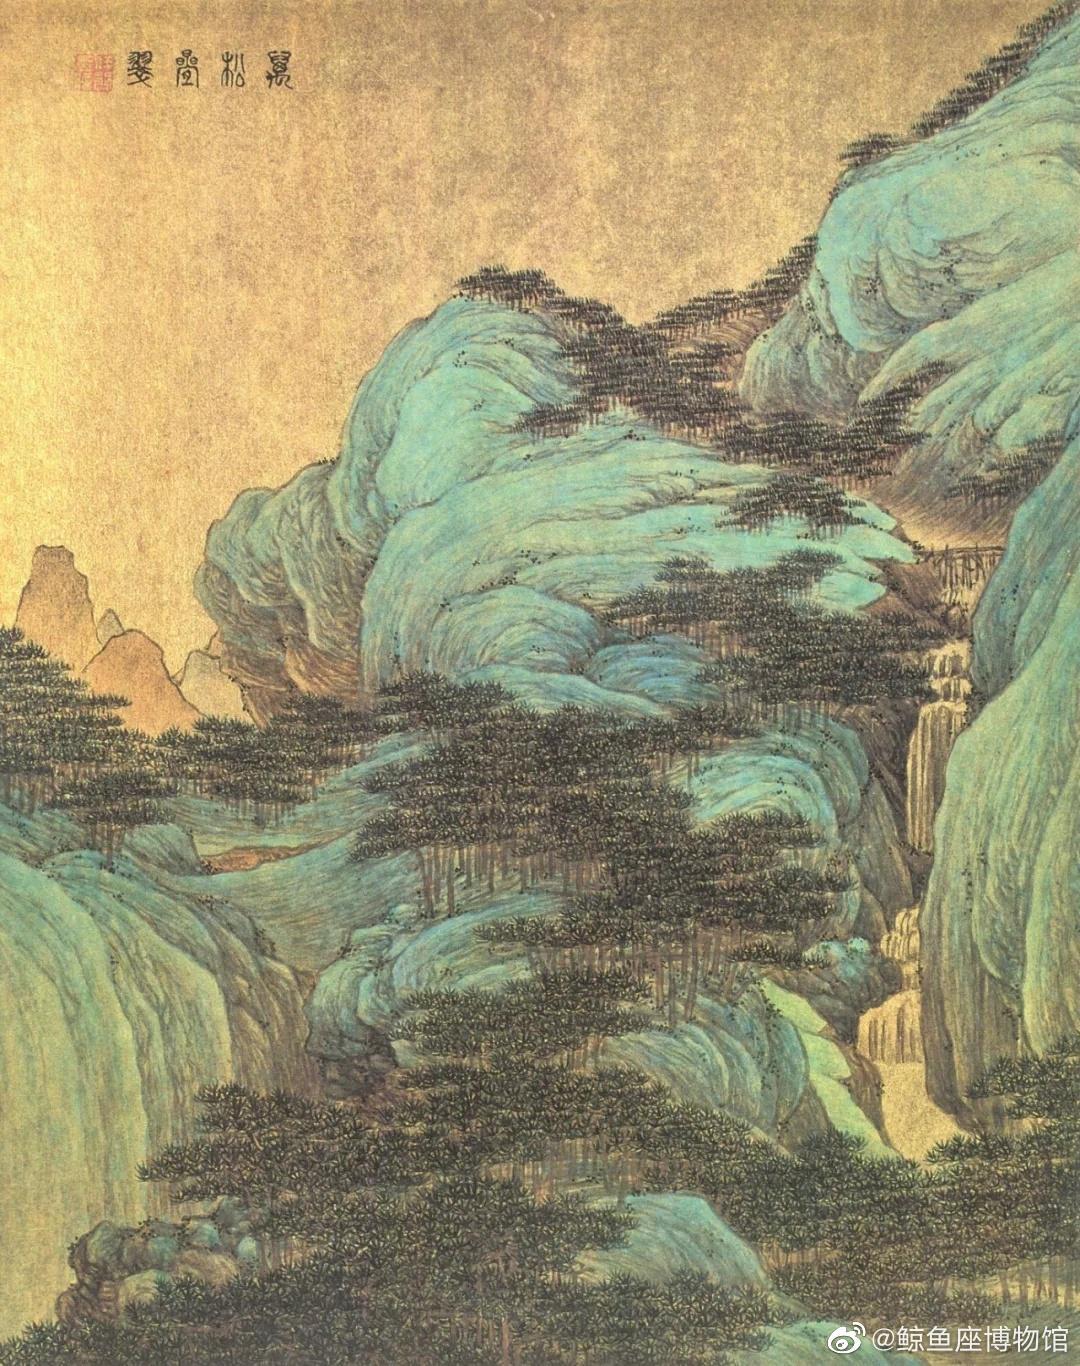 最爱青绿山水设色———清 · 任熊《十万图》